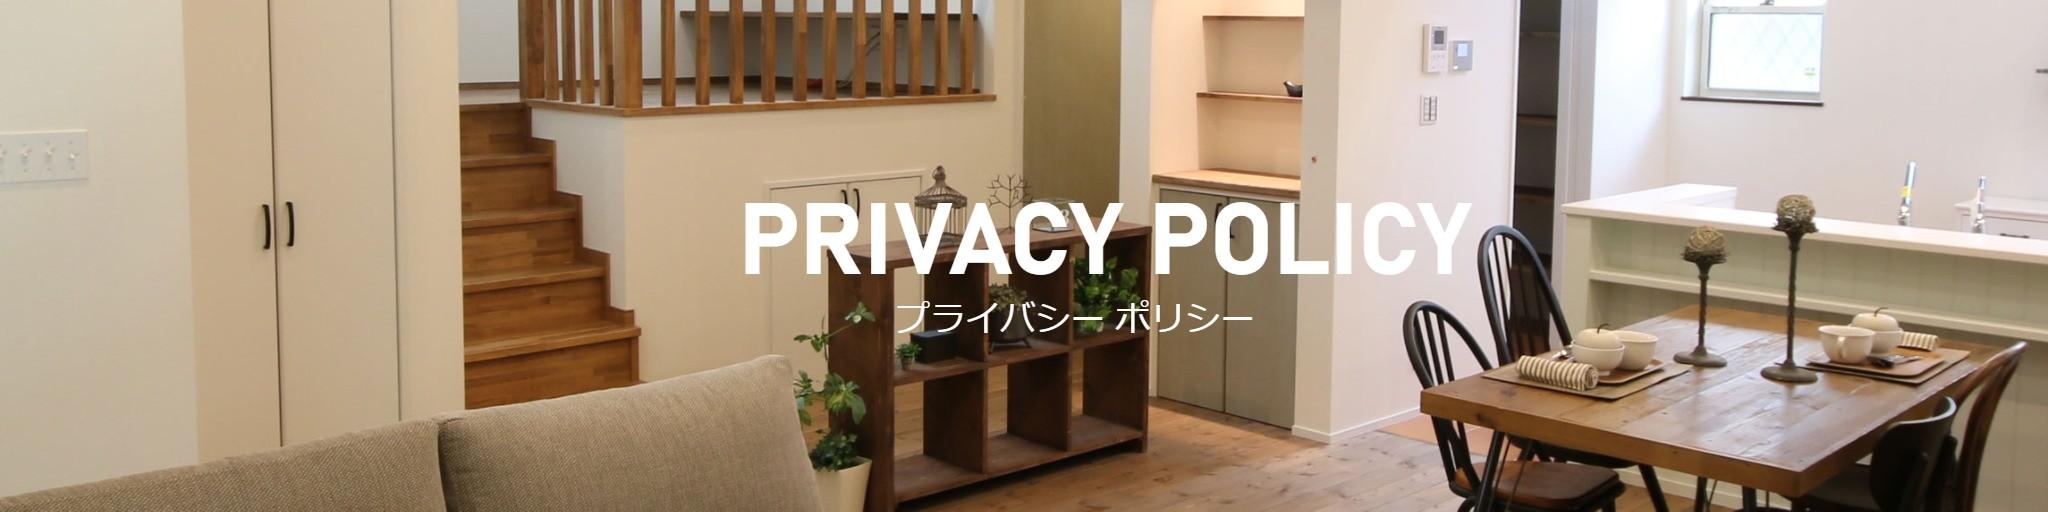 ハウスクリエイトのプライバシーポリシー